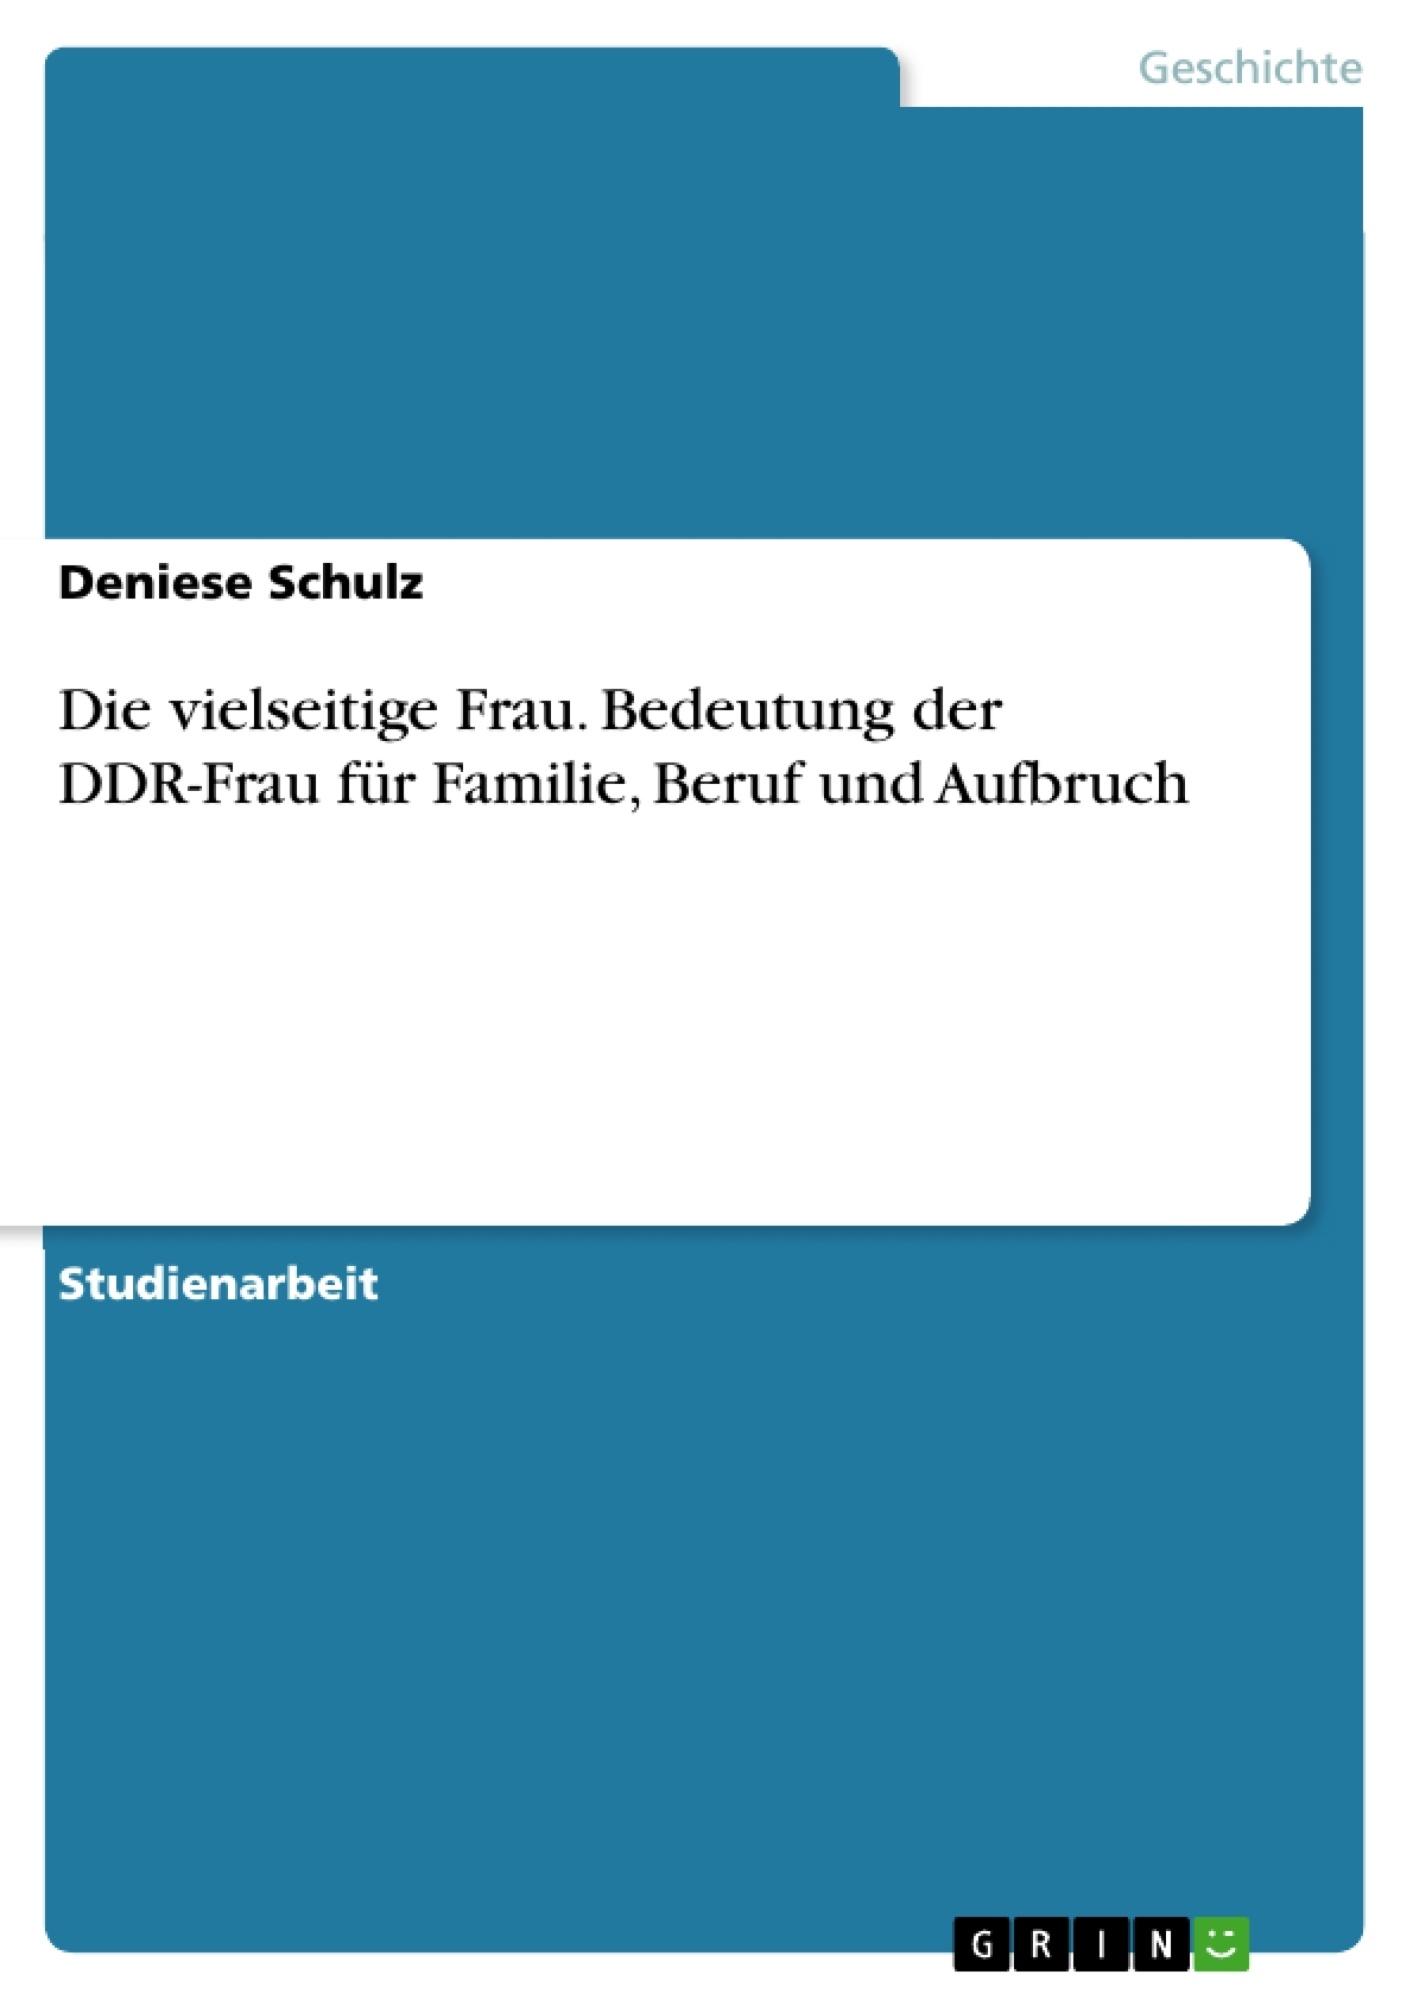 Titel: Die vielseitige Frau. Bedeutung der DDR-Frau für Familie, Beruf und Aufbruch